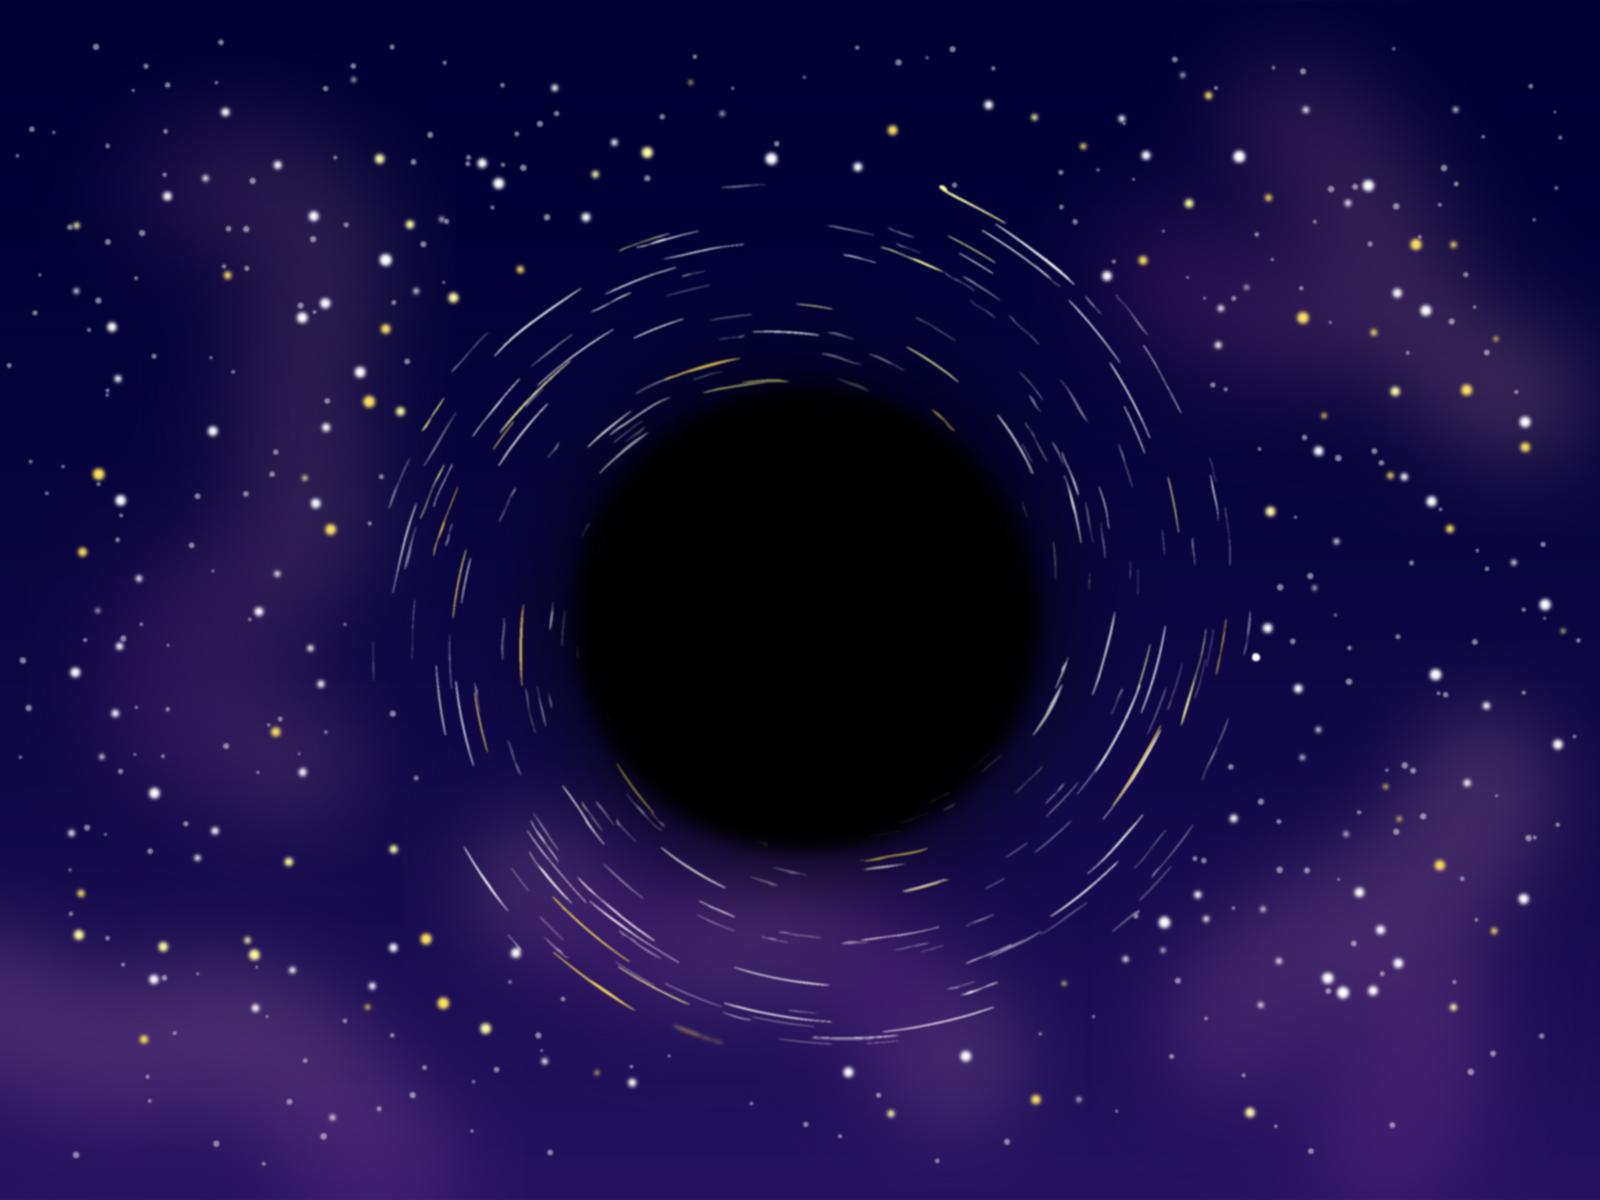 ブラックホールを見るためには・・・